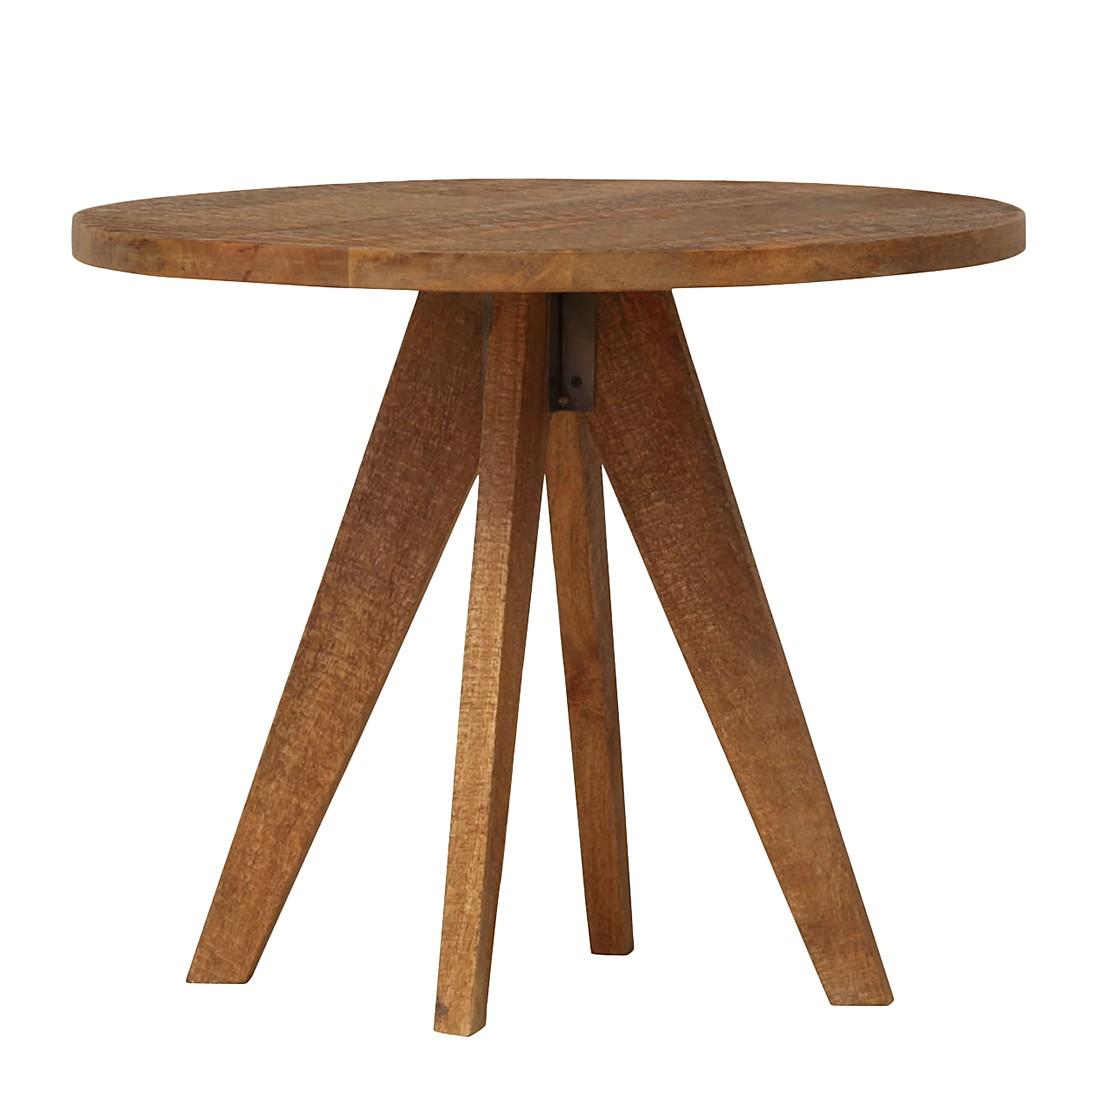 Tavolino da salotto Script - Legno massello di mango decapato e verniciato, ars manufacti